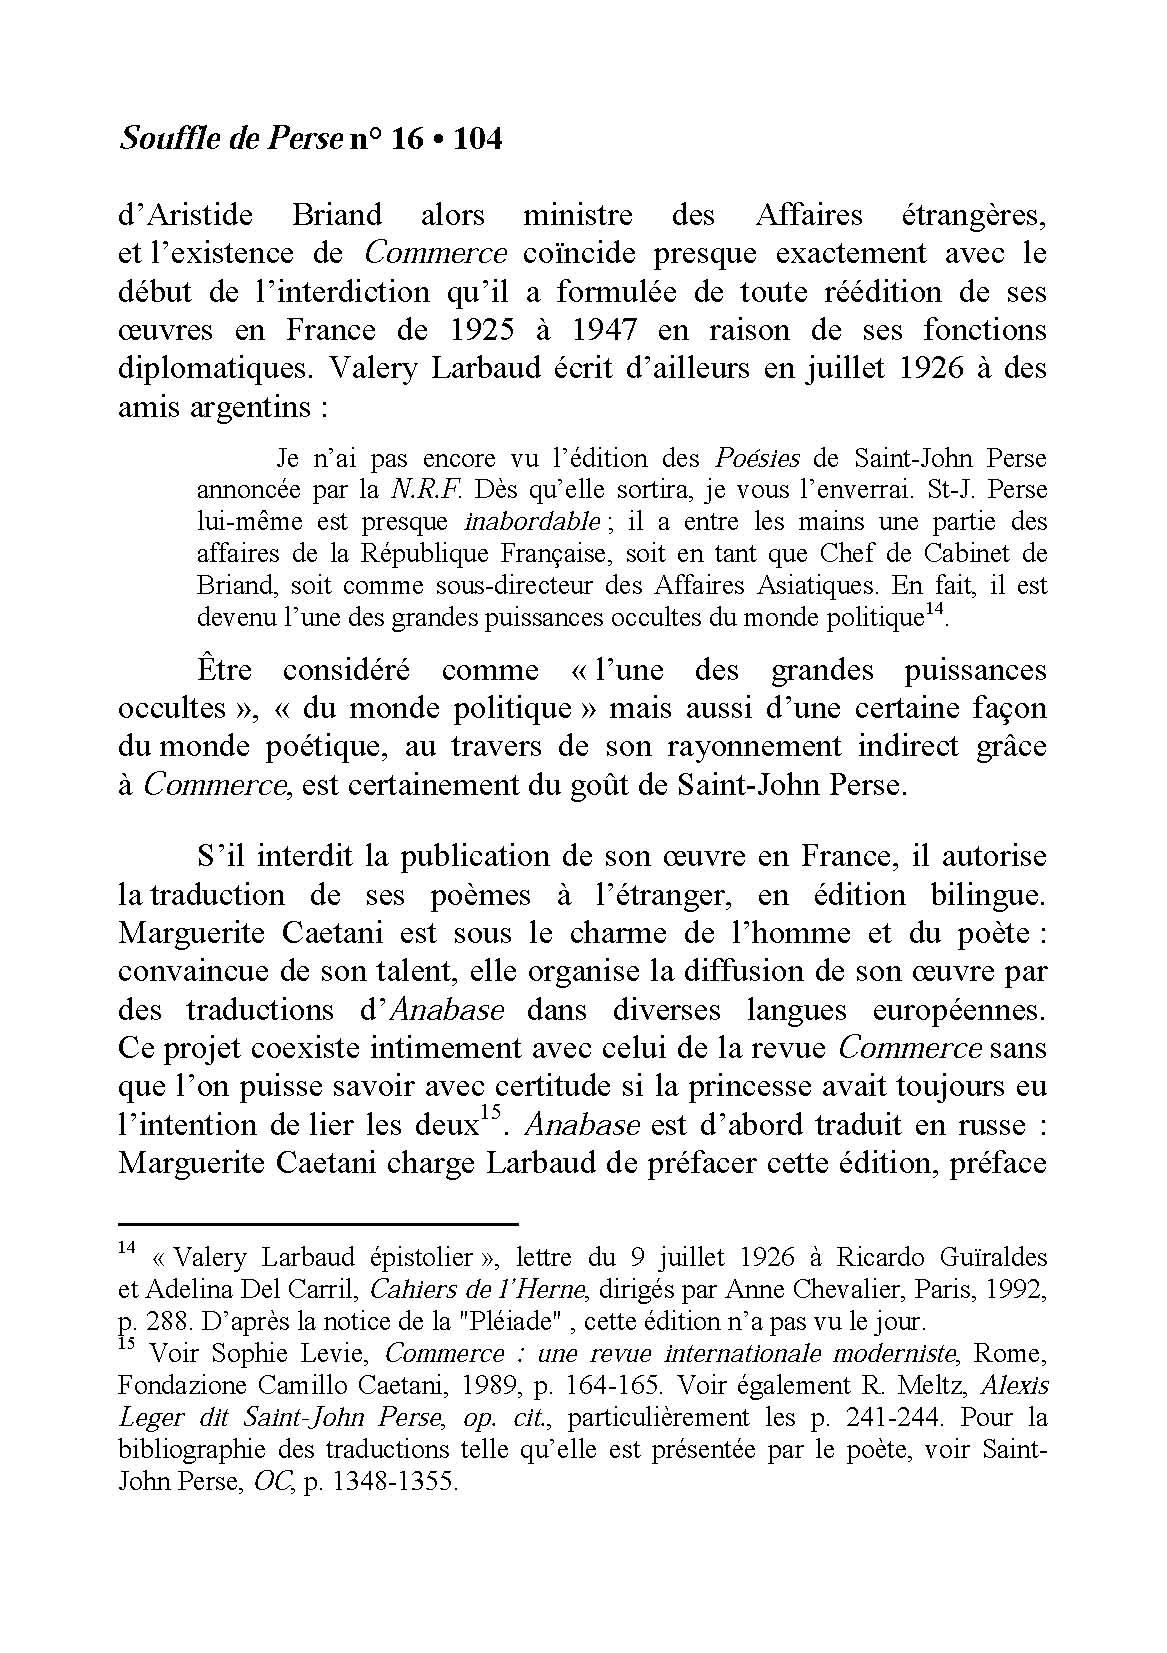 pages-de-pages-de-souffle-n-16-p-99-a-115_page_06